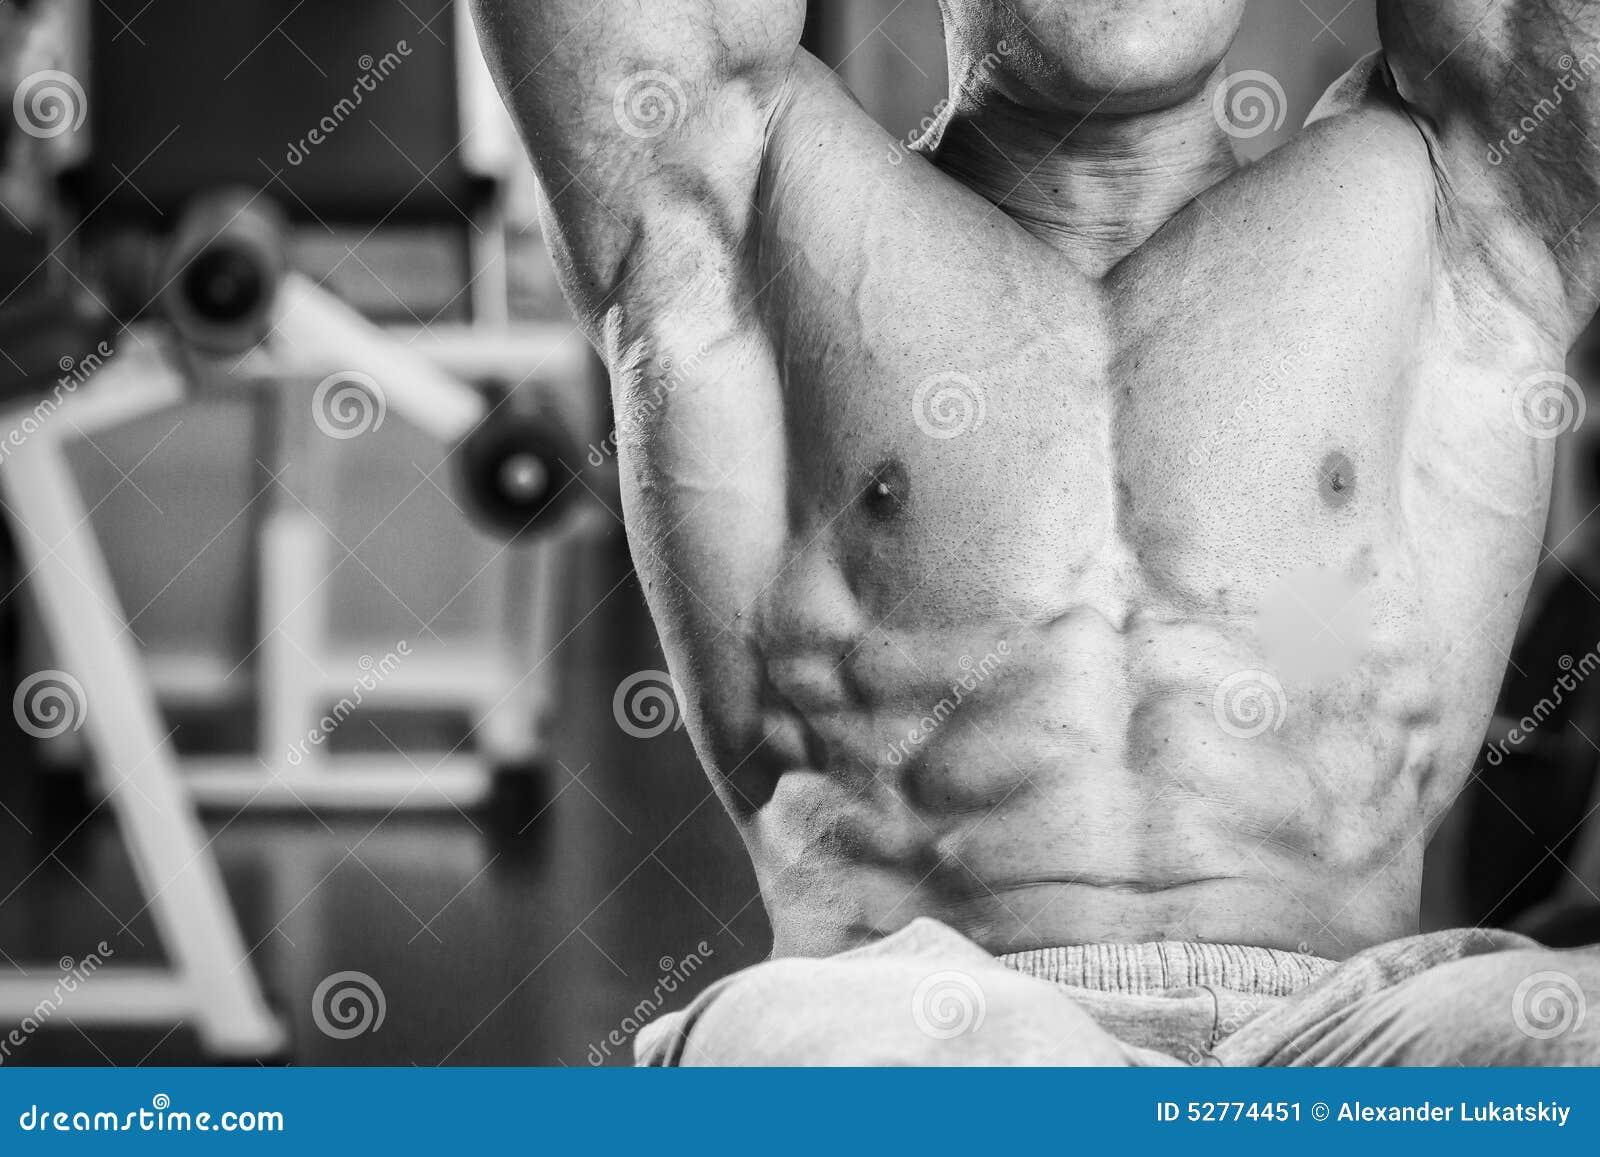 Man makes exercises